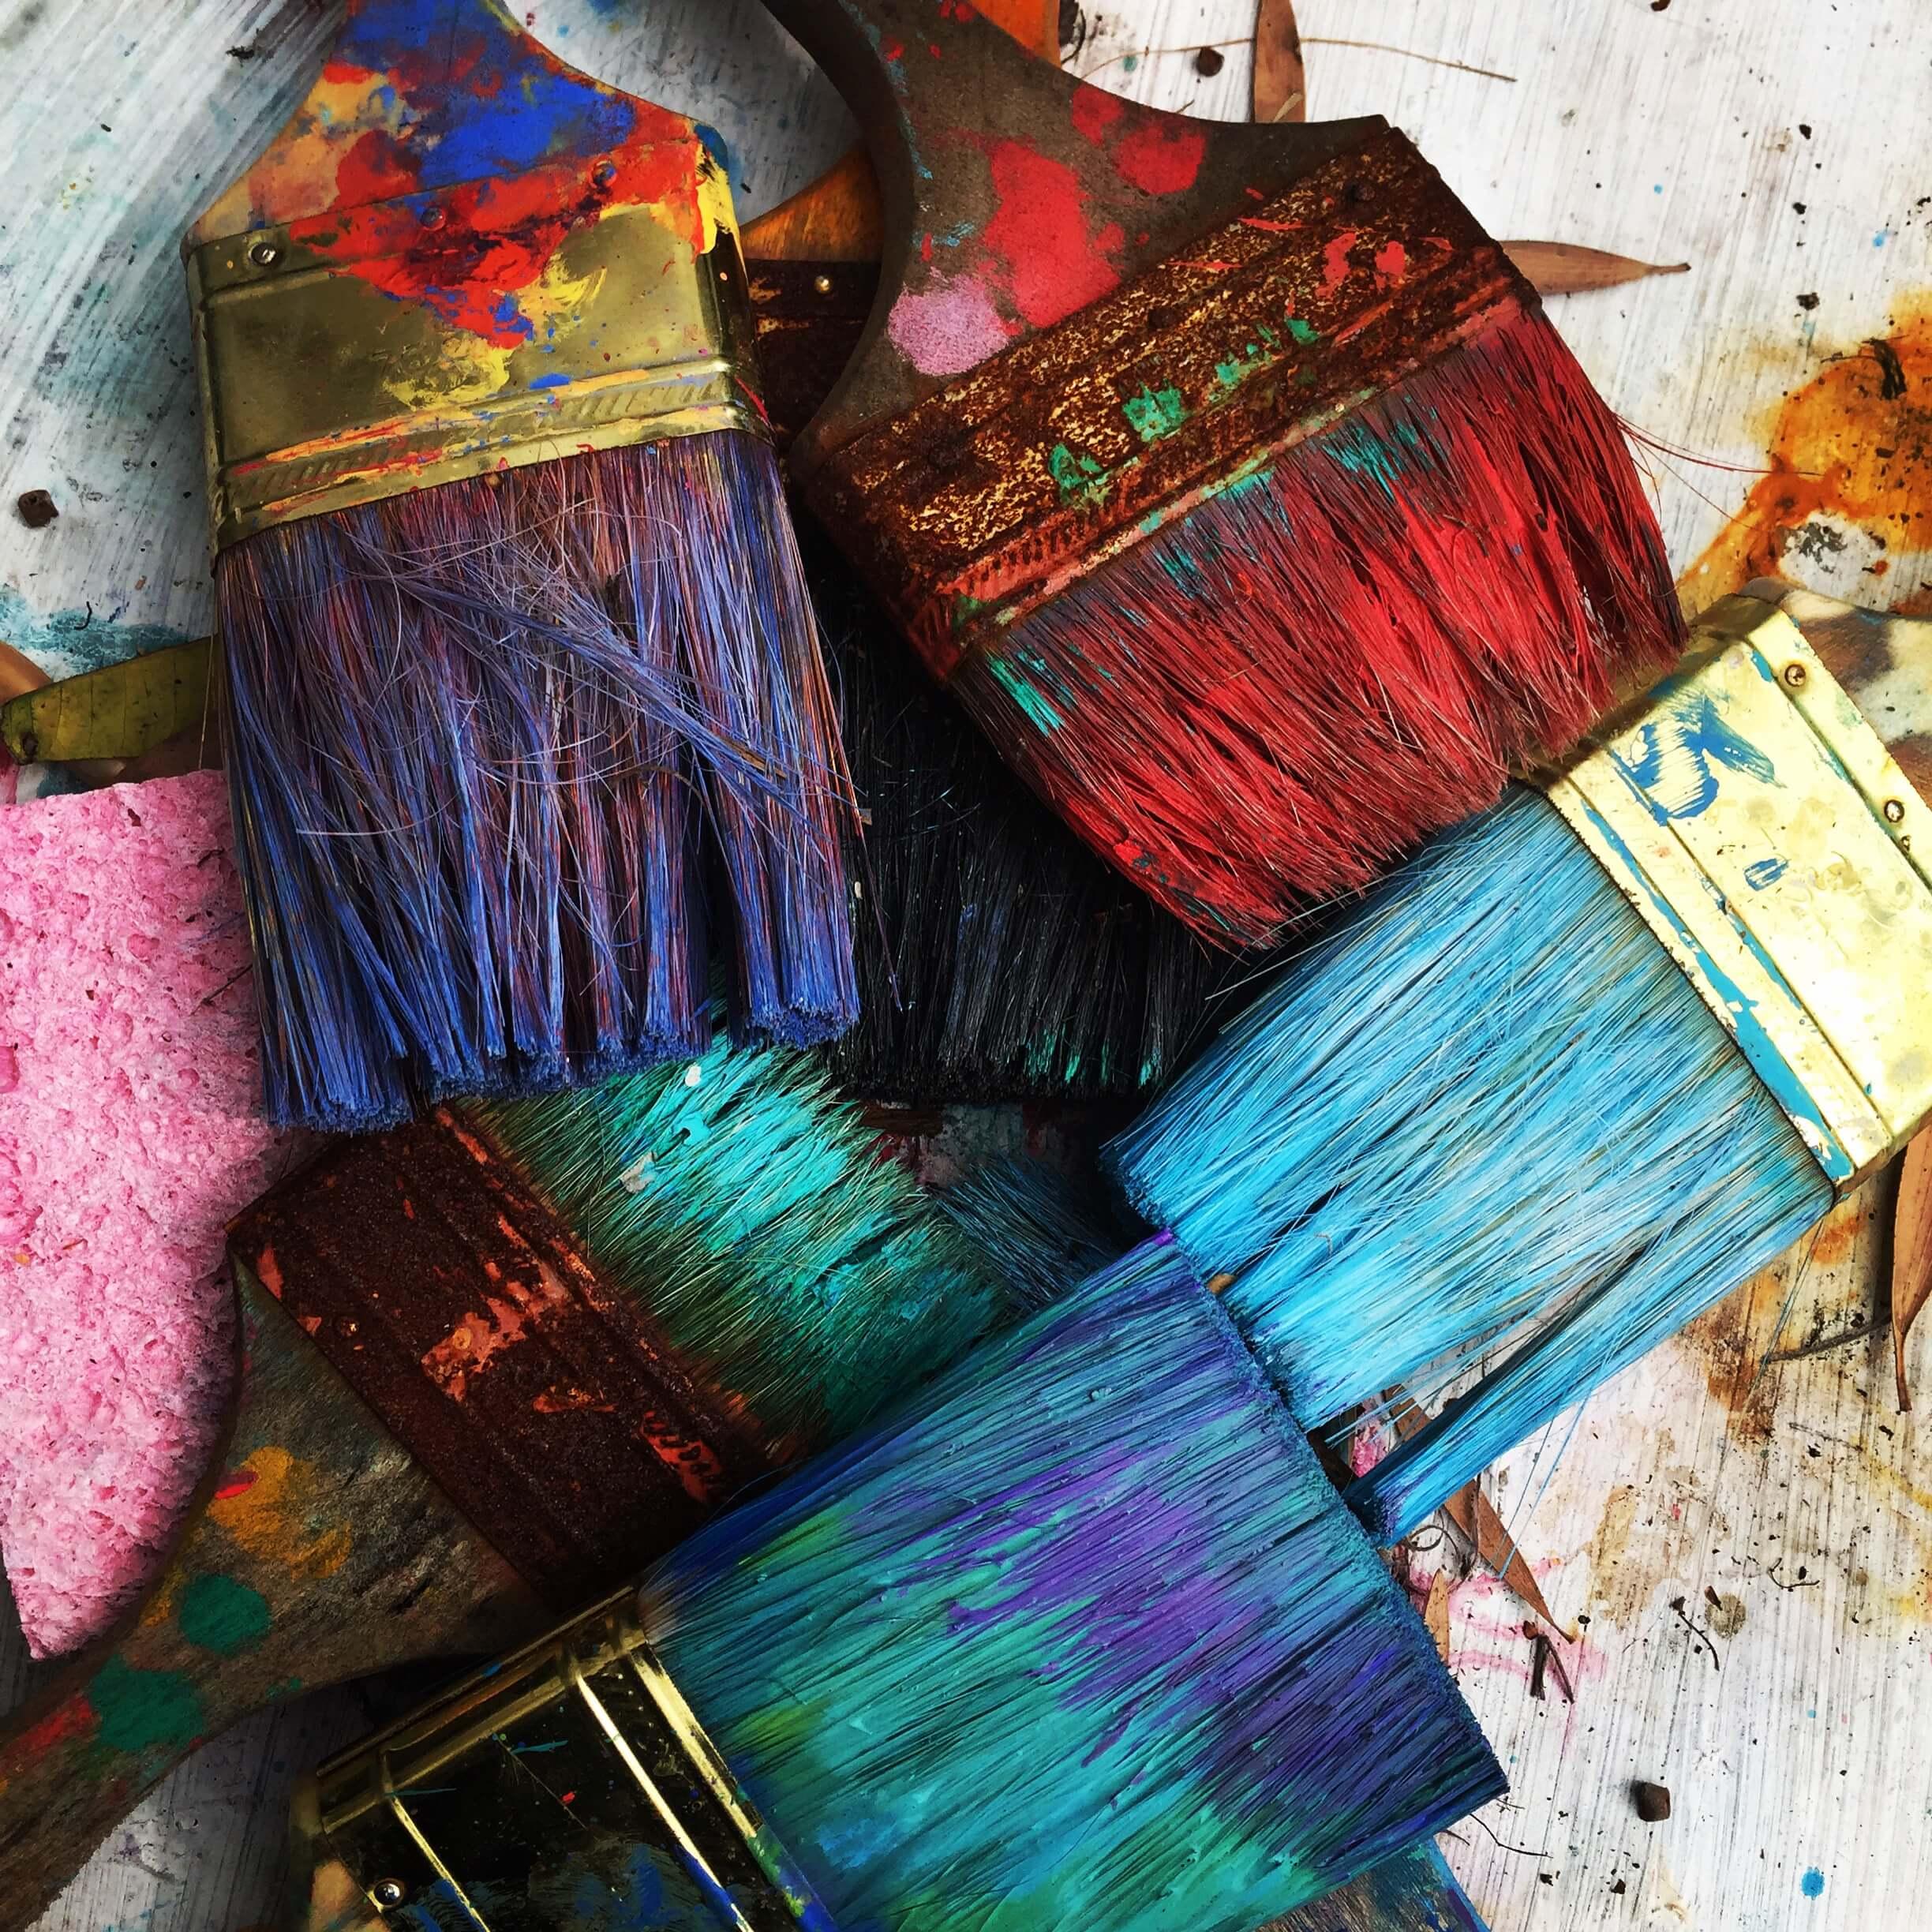 malovanie a stetce, farby